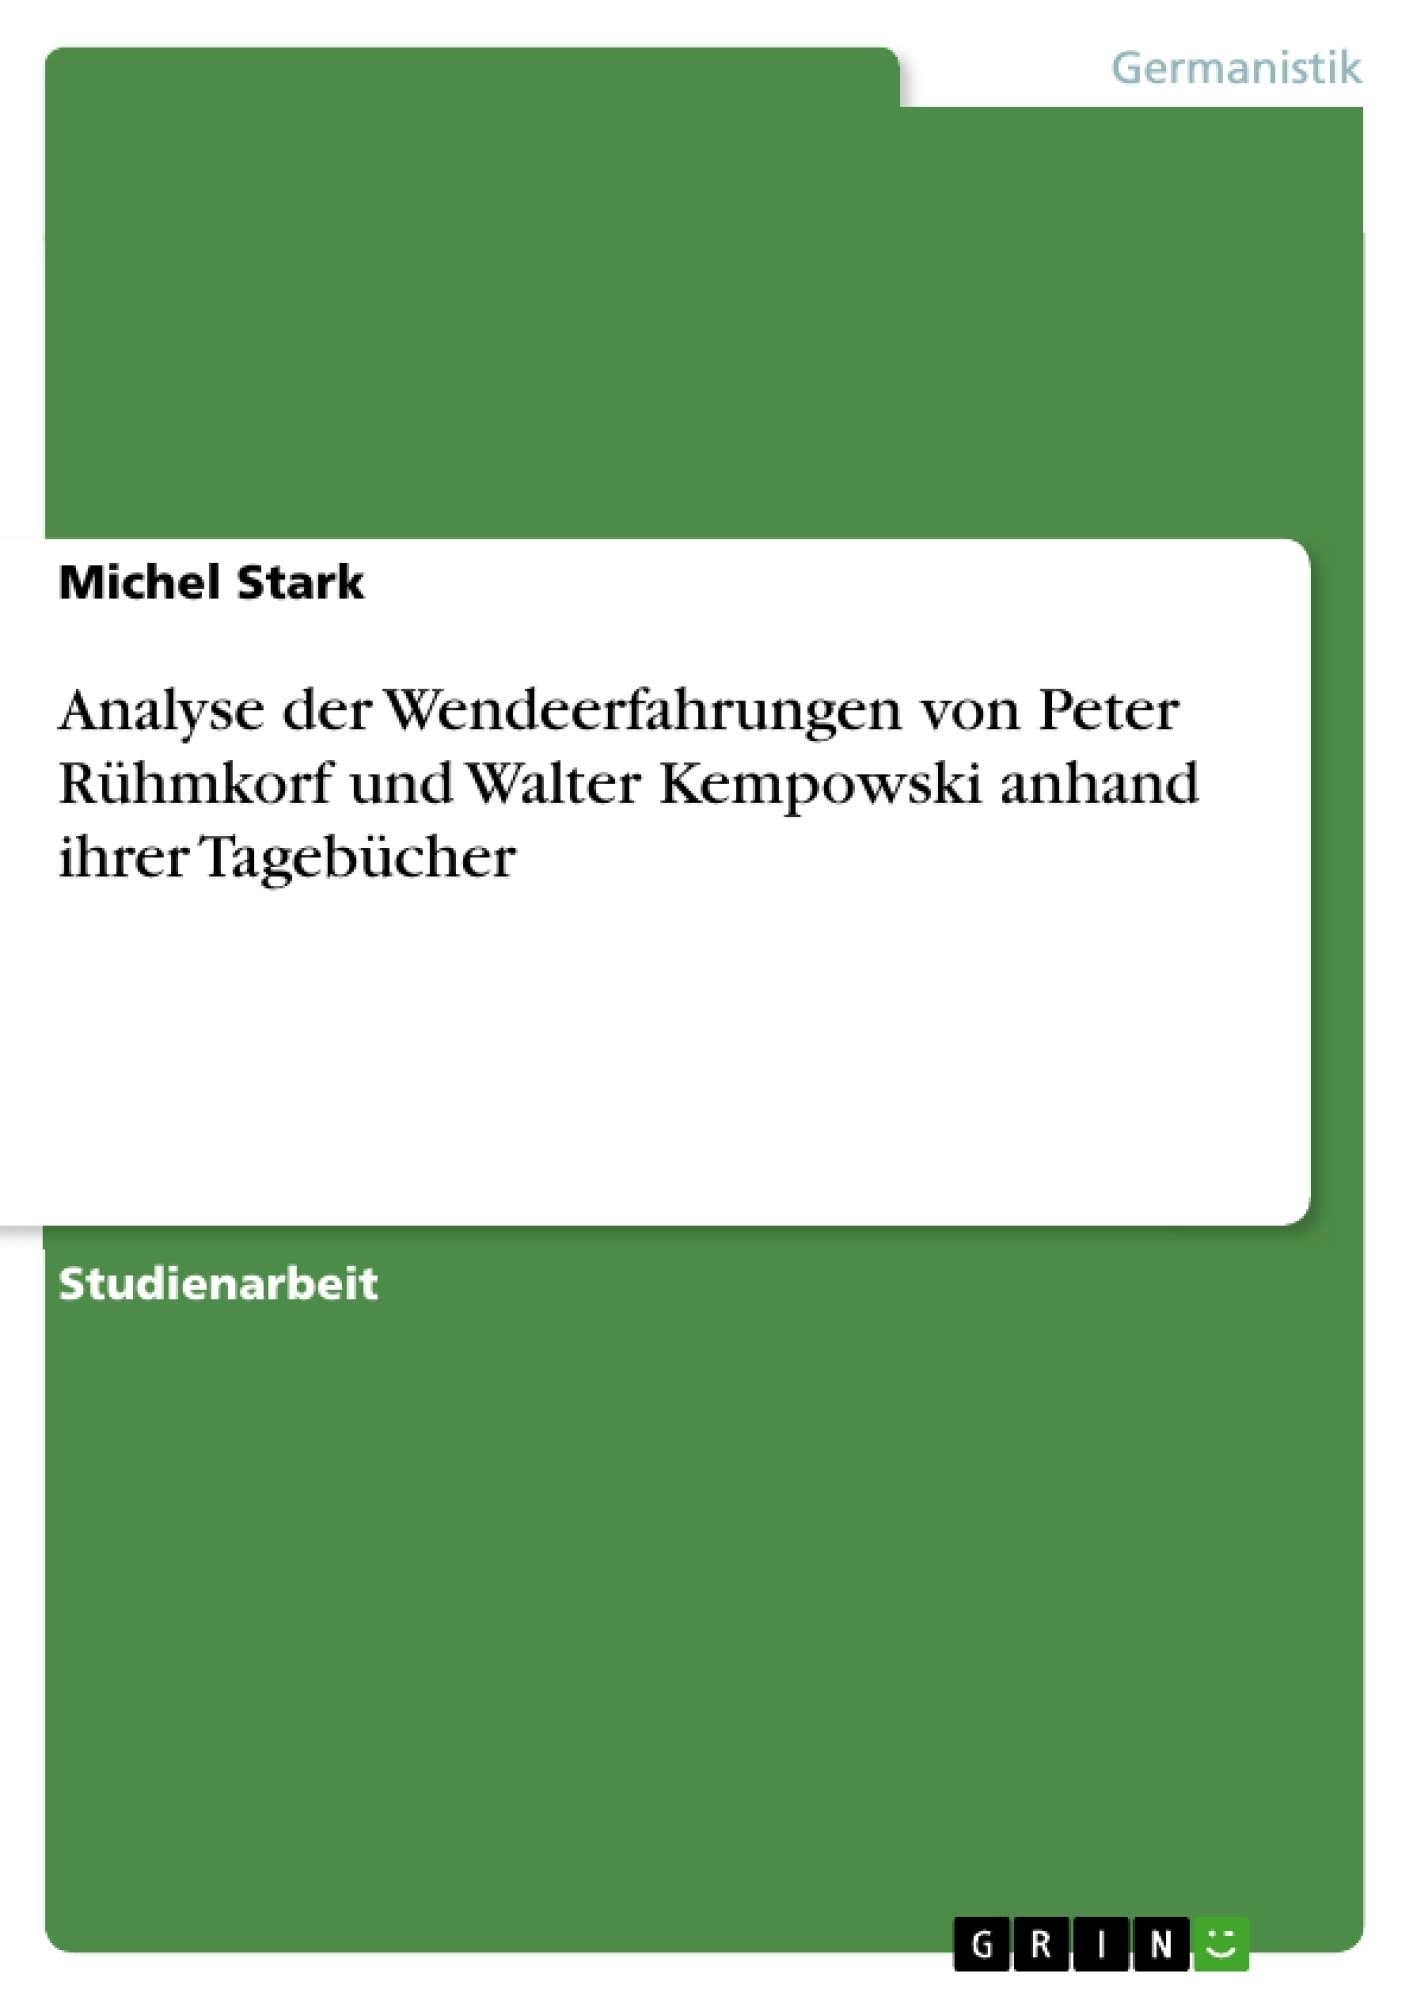 Titel: Analyse der Wendeerfahrungen von Peter Rühmkorf und Walter Kempowski anhand ihrer Tagebücher